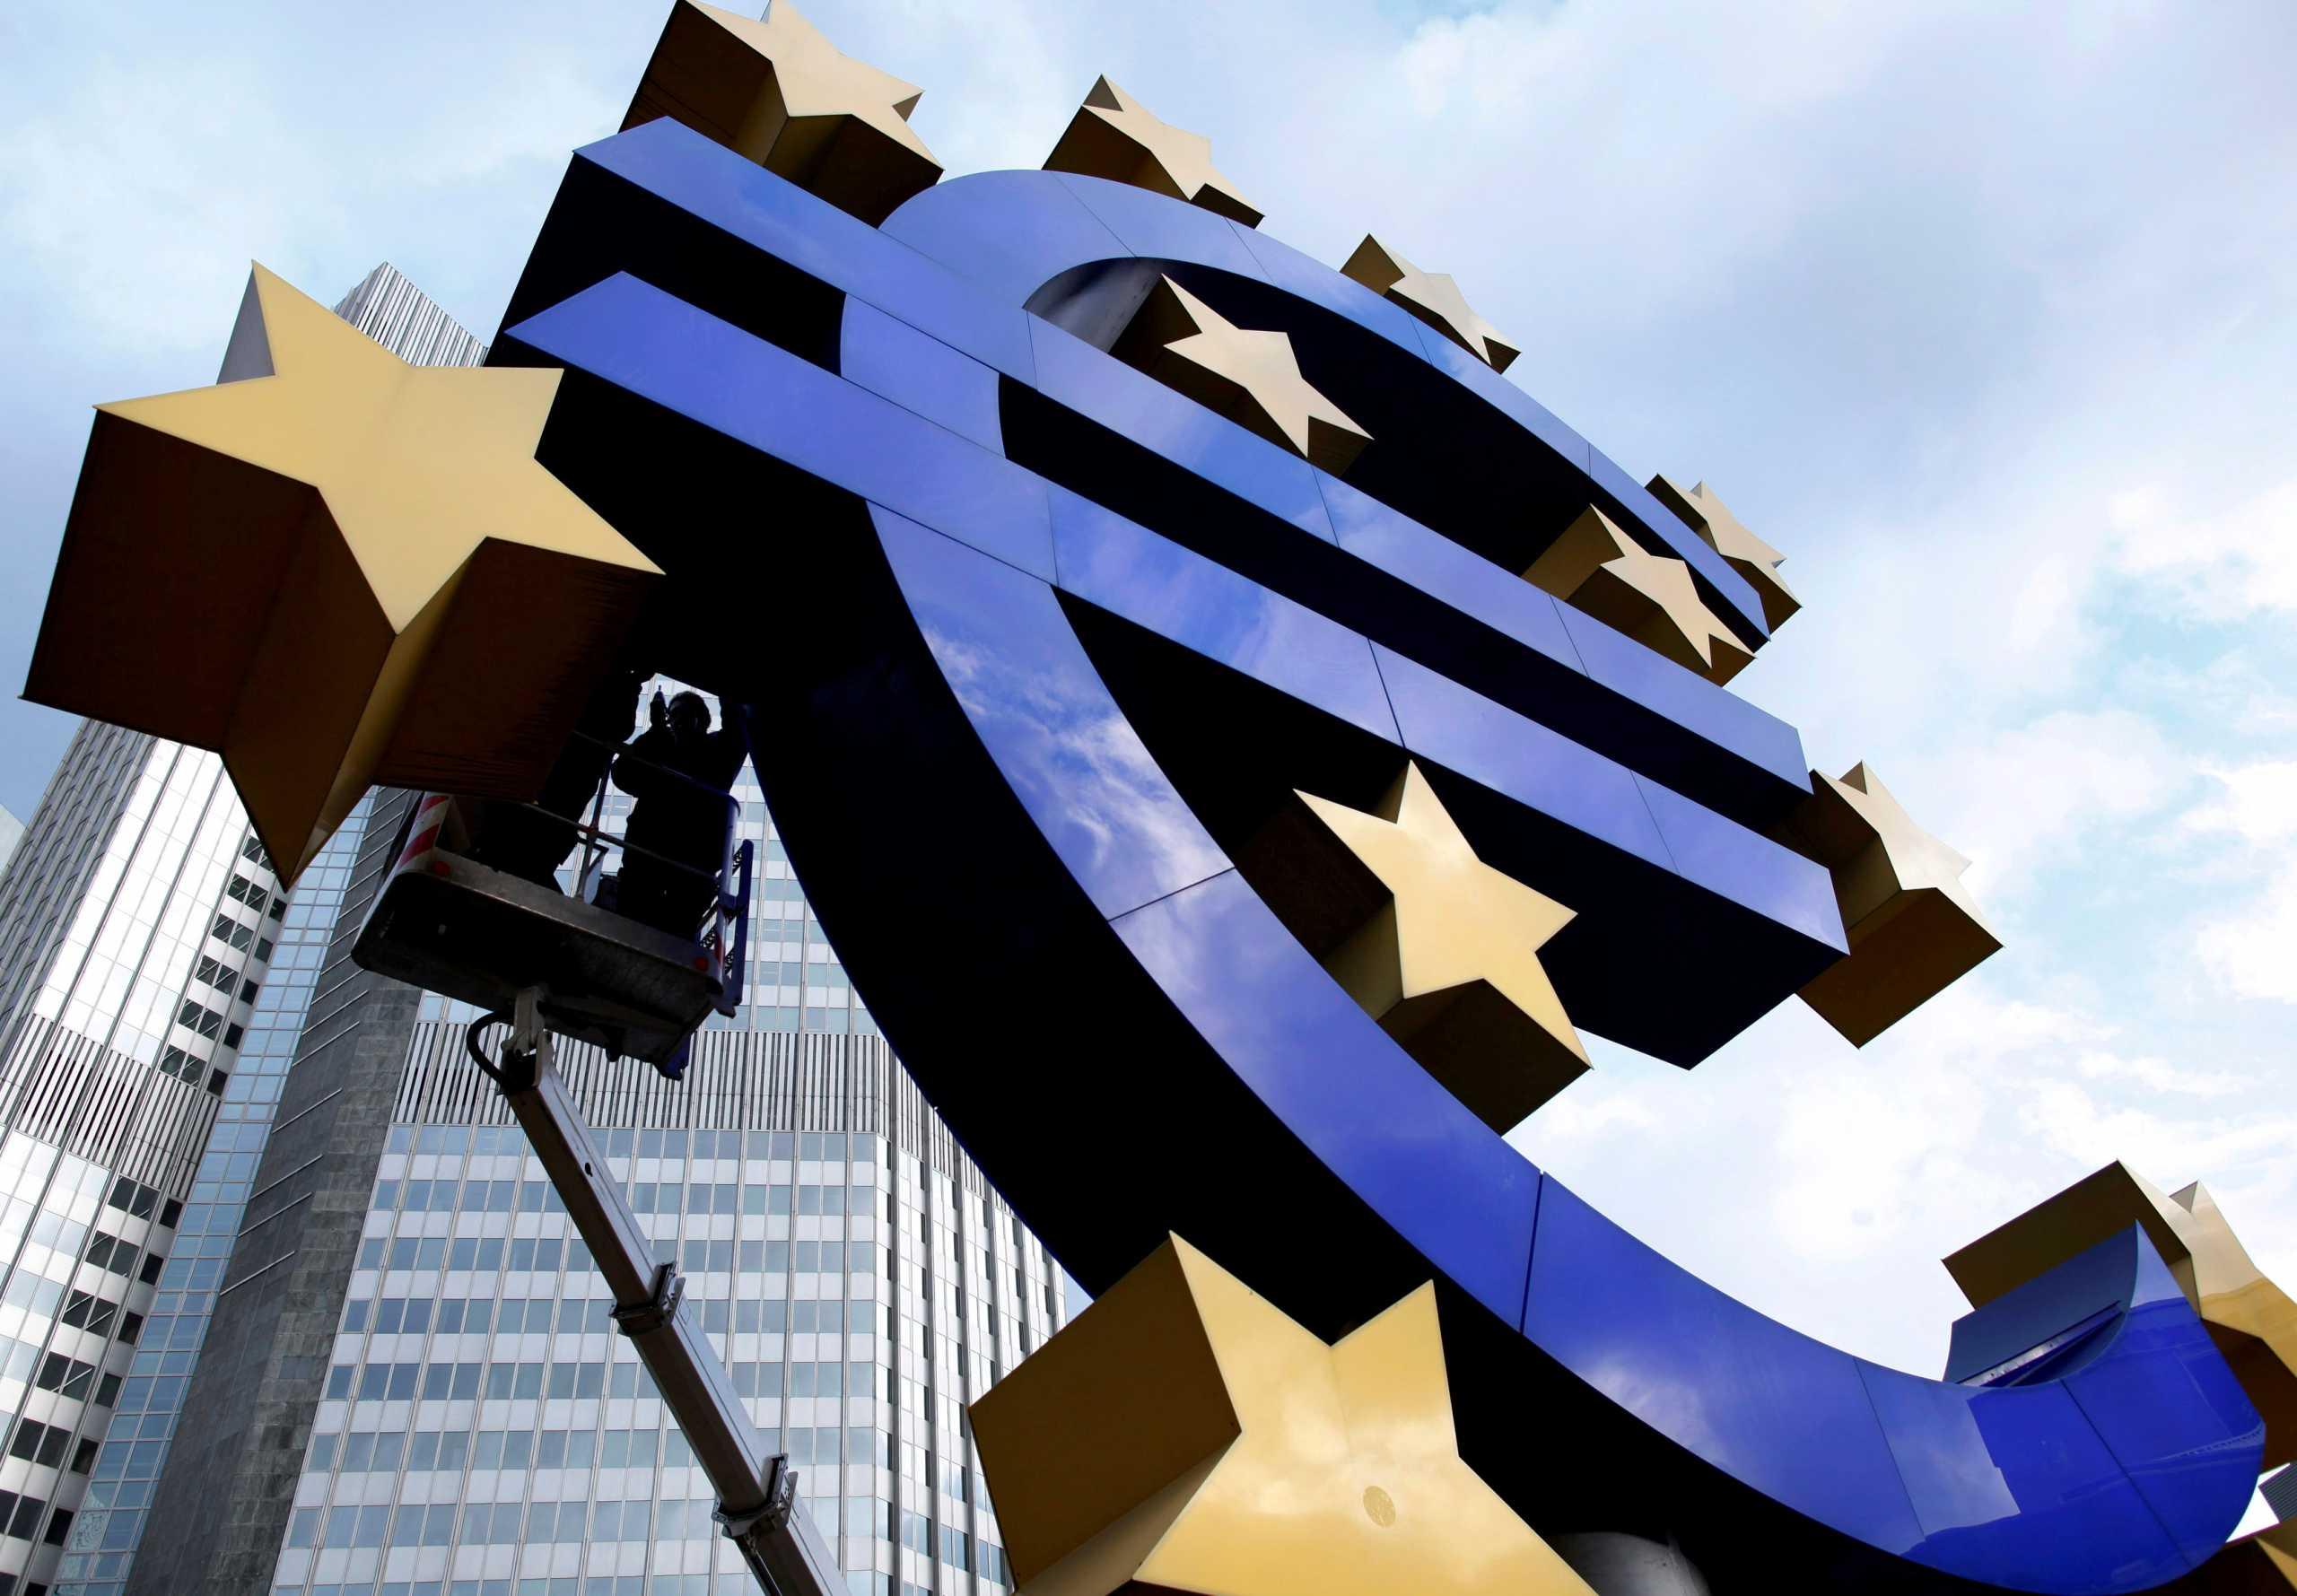 Ενισχύονται τα ομόλογα απομακρύνεται το ενδεχόμενο μείωσης των επιτοκίων από την ΕΚΤ